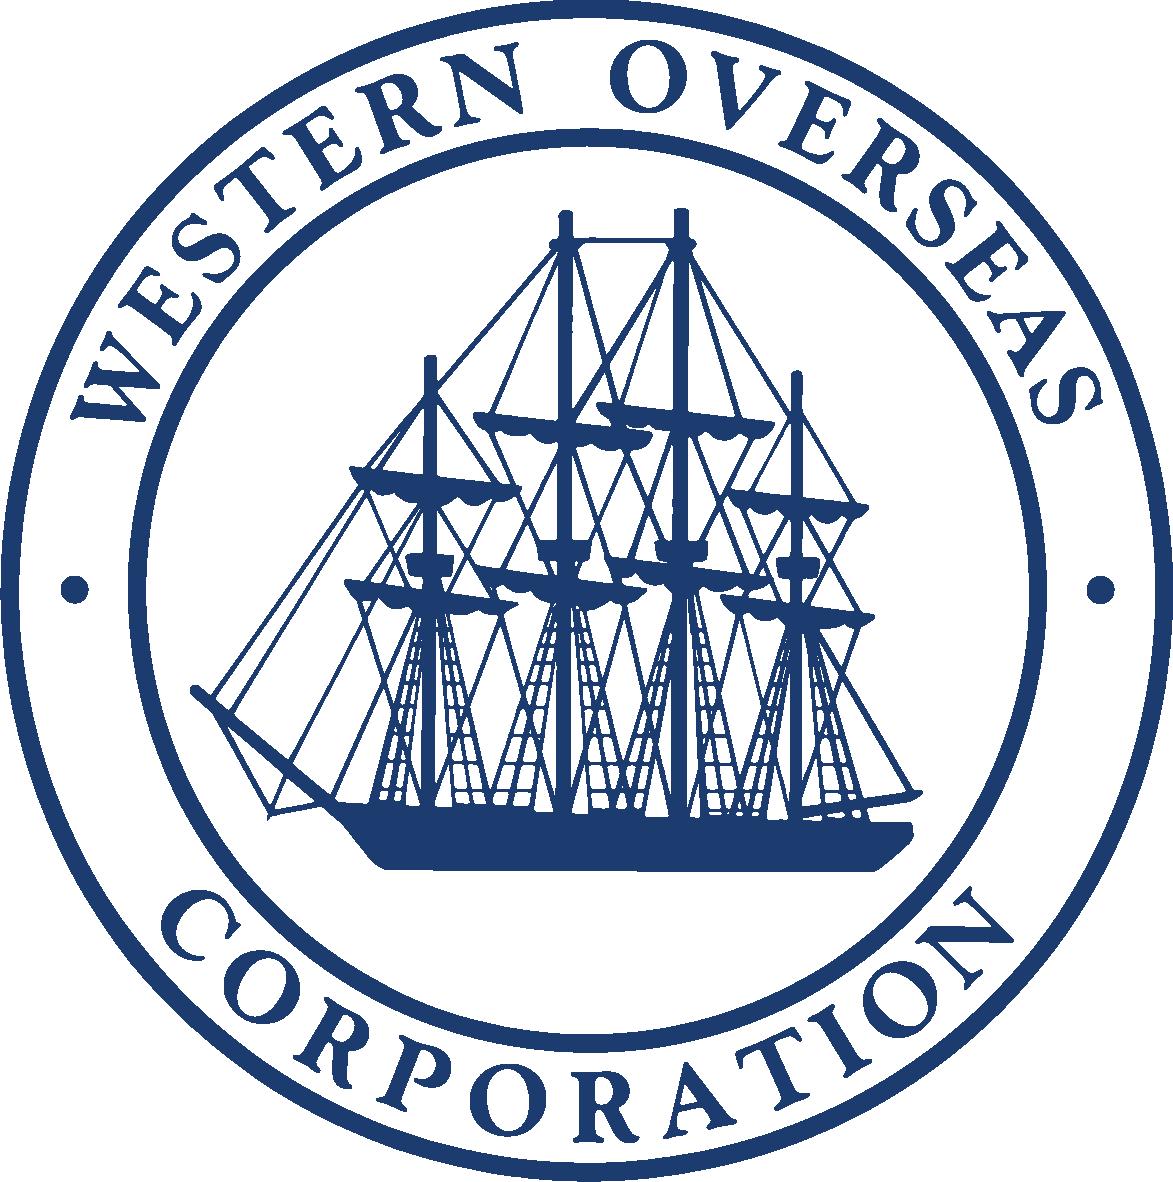 westernoverseas_logo